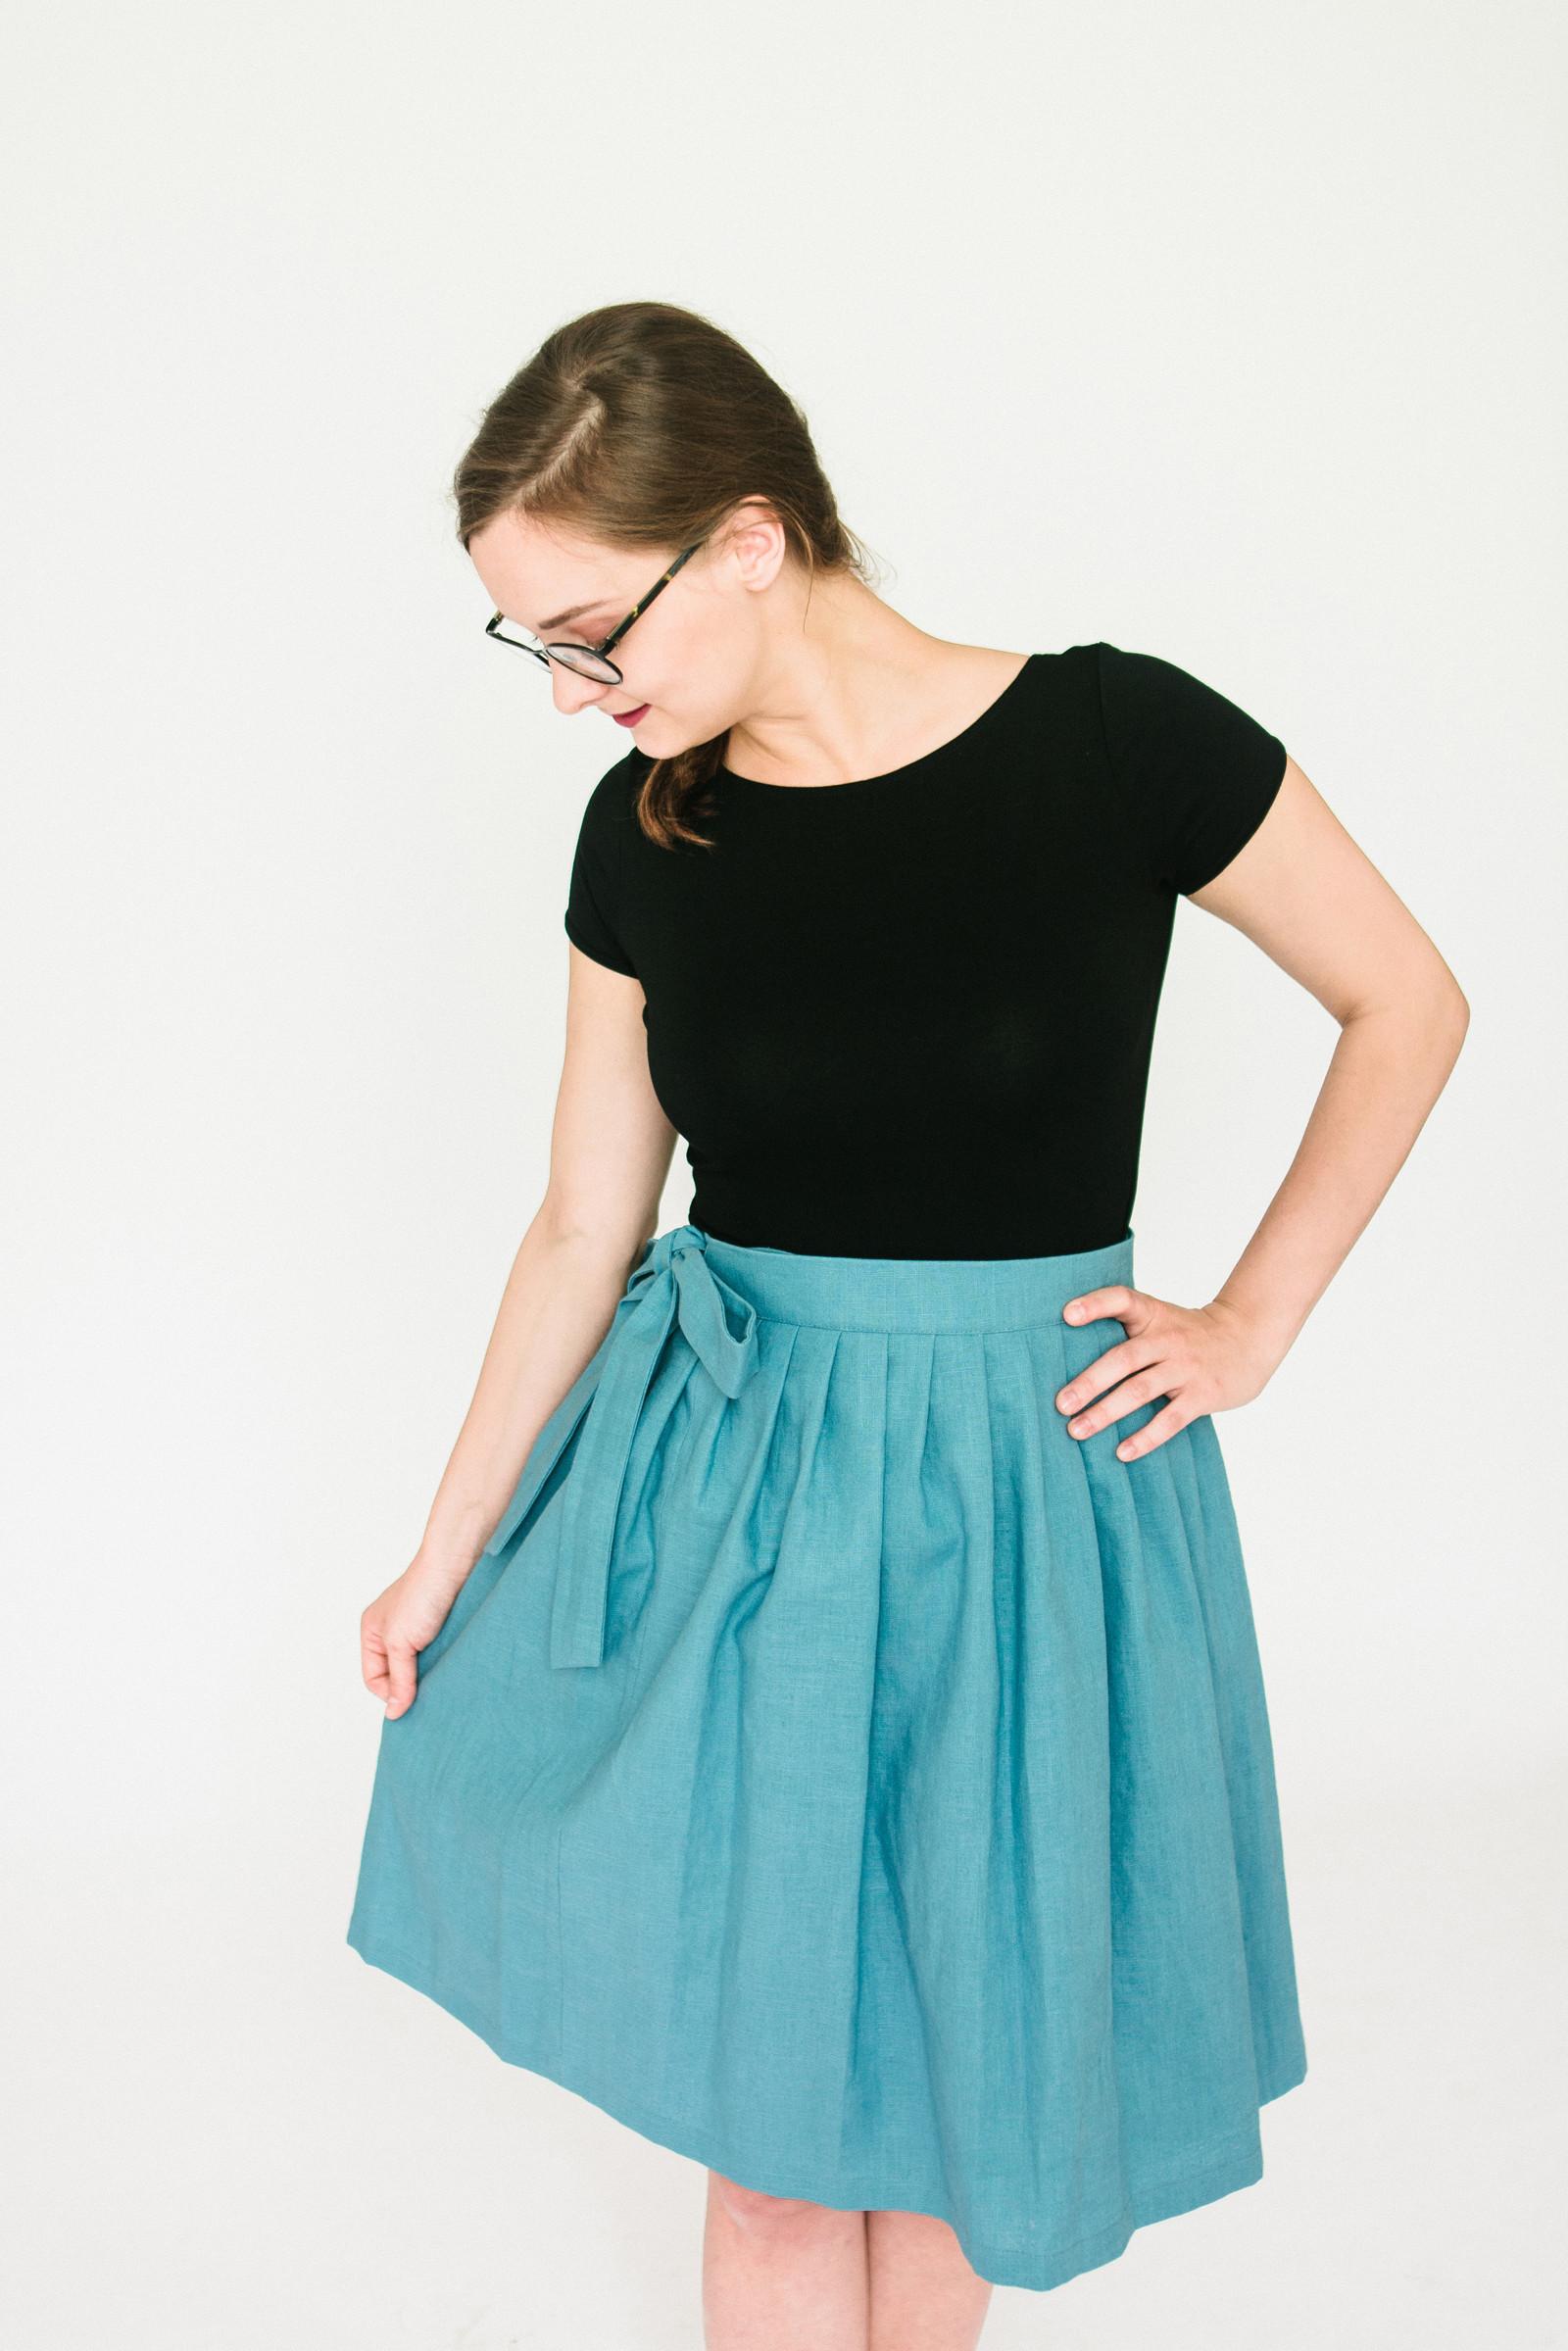 Lněná zavinovací sukně (světle modrá)   Zboží prodejce Reparáda ... 07ae8597c6